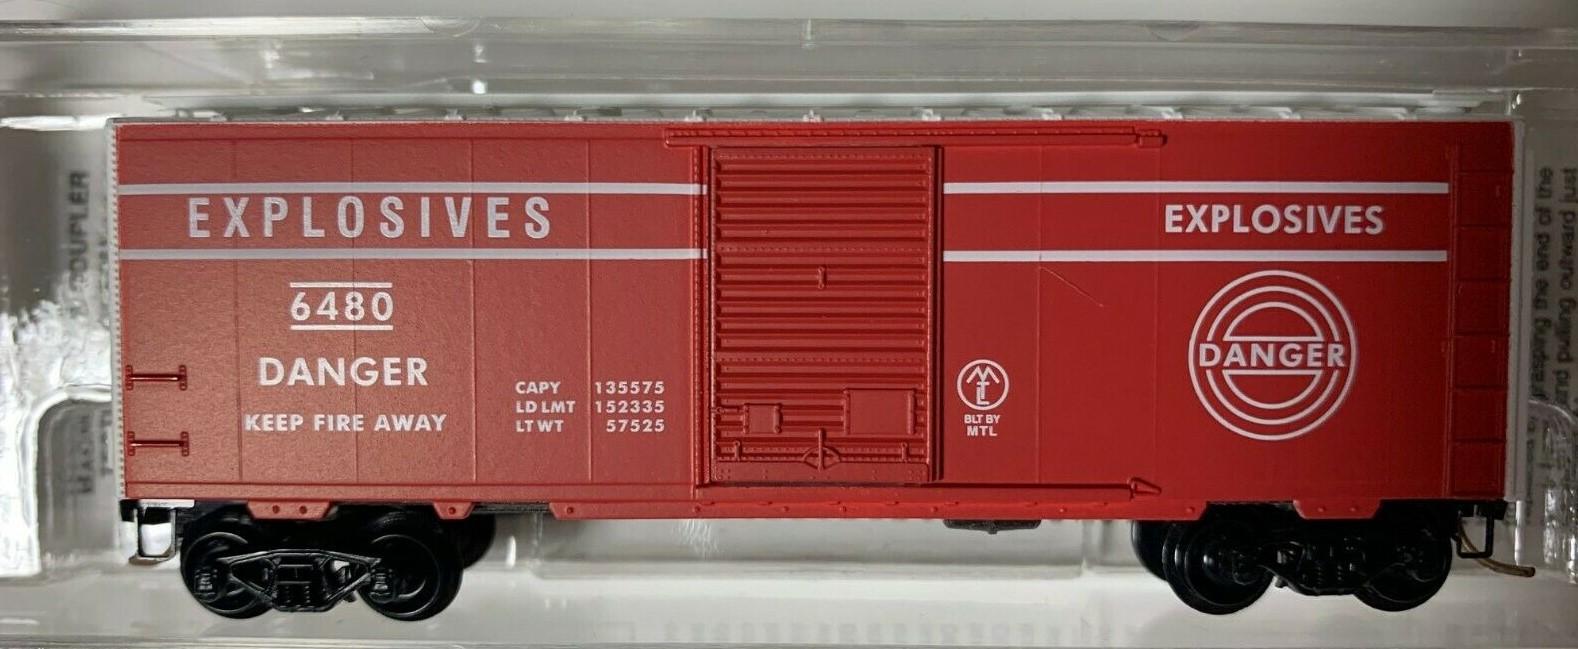 N Scale - Micro-Trains - NSC 98-90 - Boxcar, 40 Foot, Steel Plug Door - Explosives - 6480